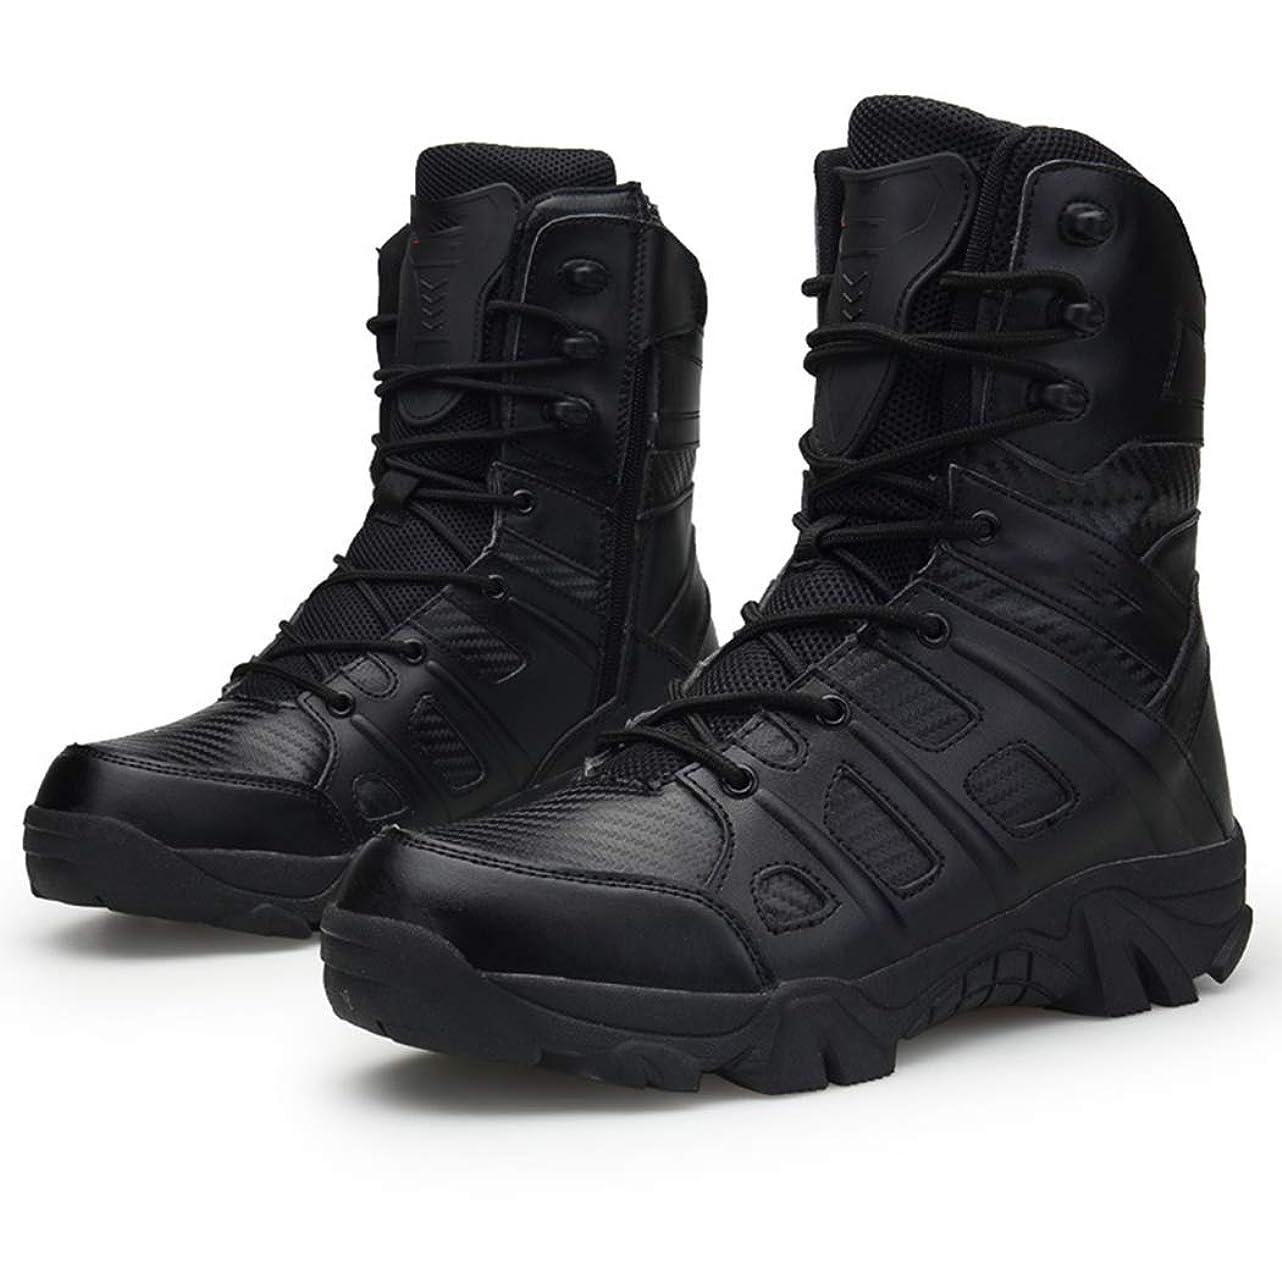 うなずくカナダ決定するメンズサイズ13の砂漠のブーツ、ハイキング用すべり止め、風防、軽量で通気軍事戦術砂漠のブーツ